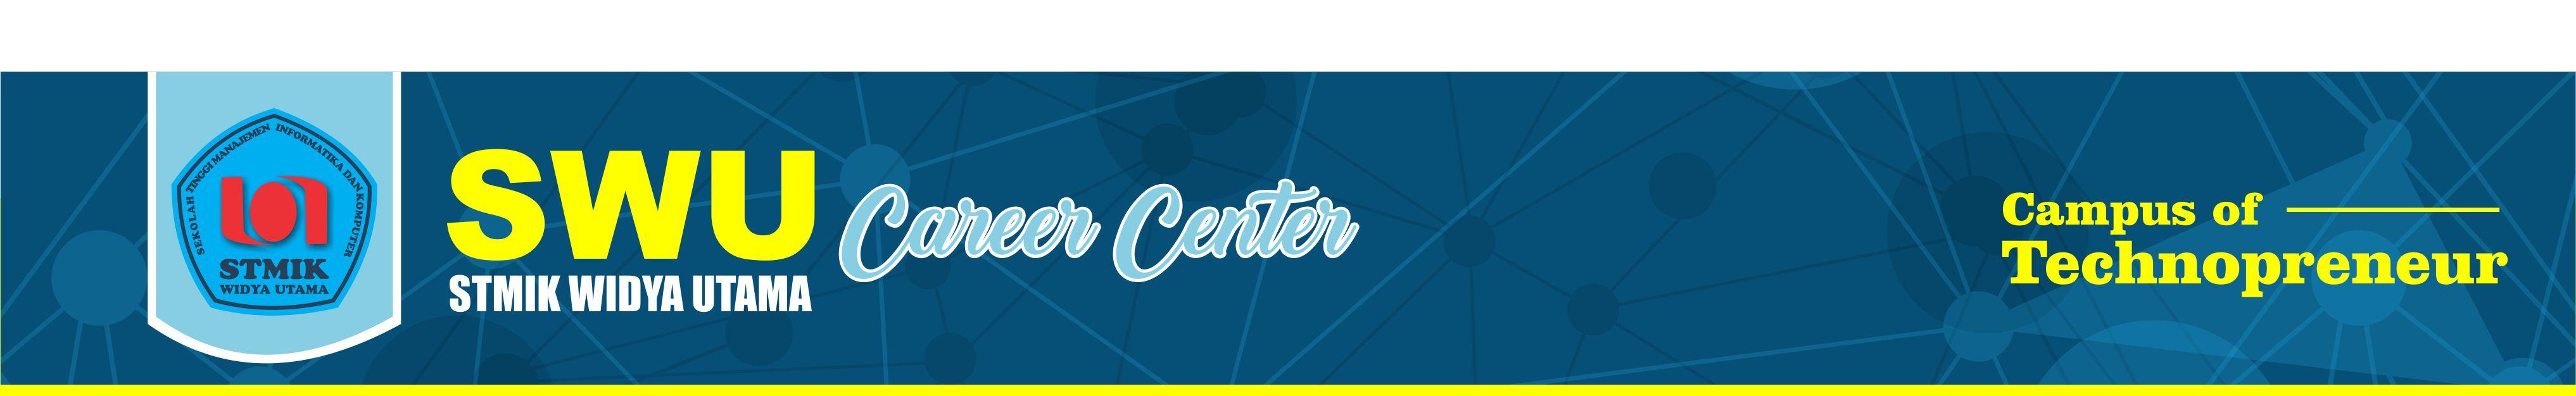 Header STMIK WIDYA UTAMA  Career Center